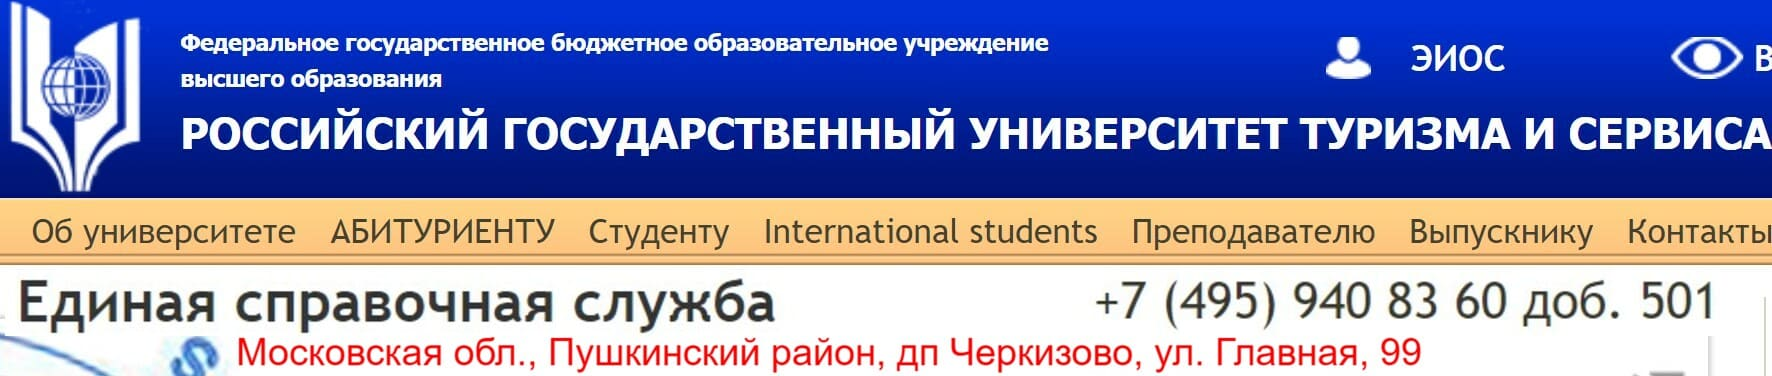 «РГУТИС» образовательный студенческий портал